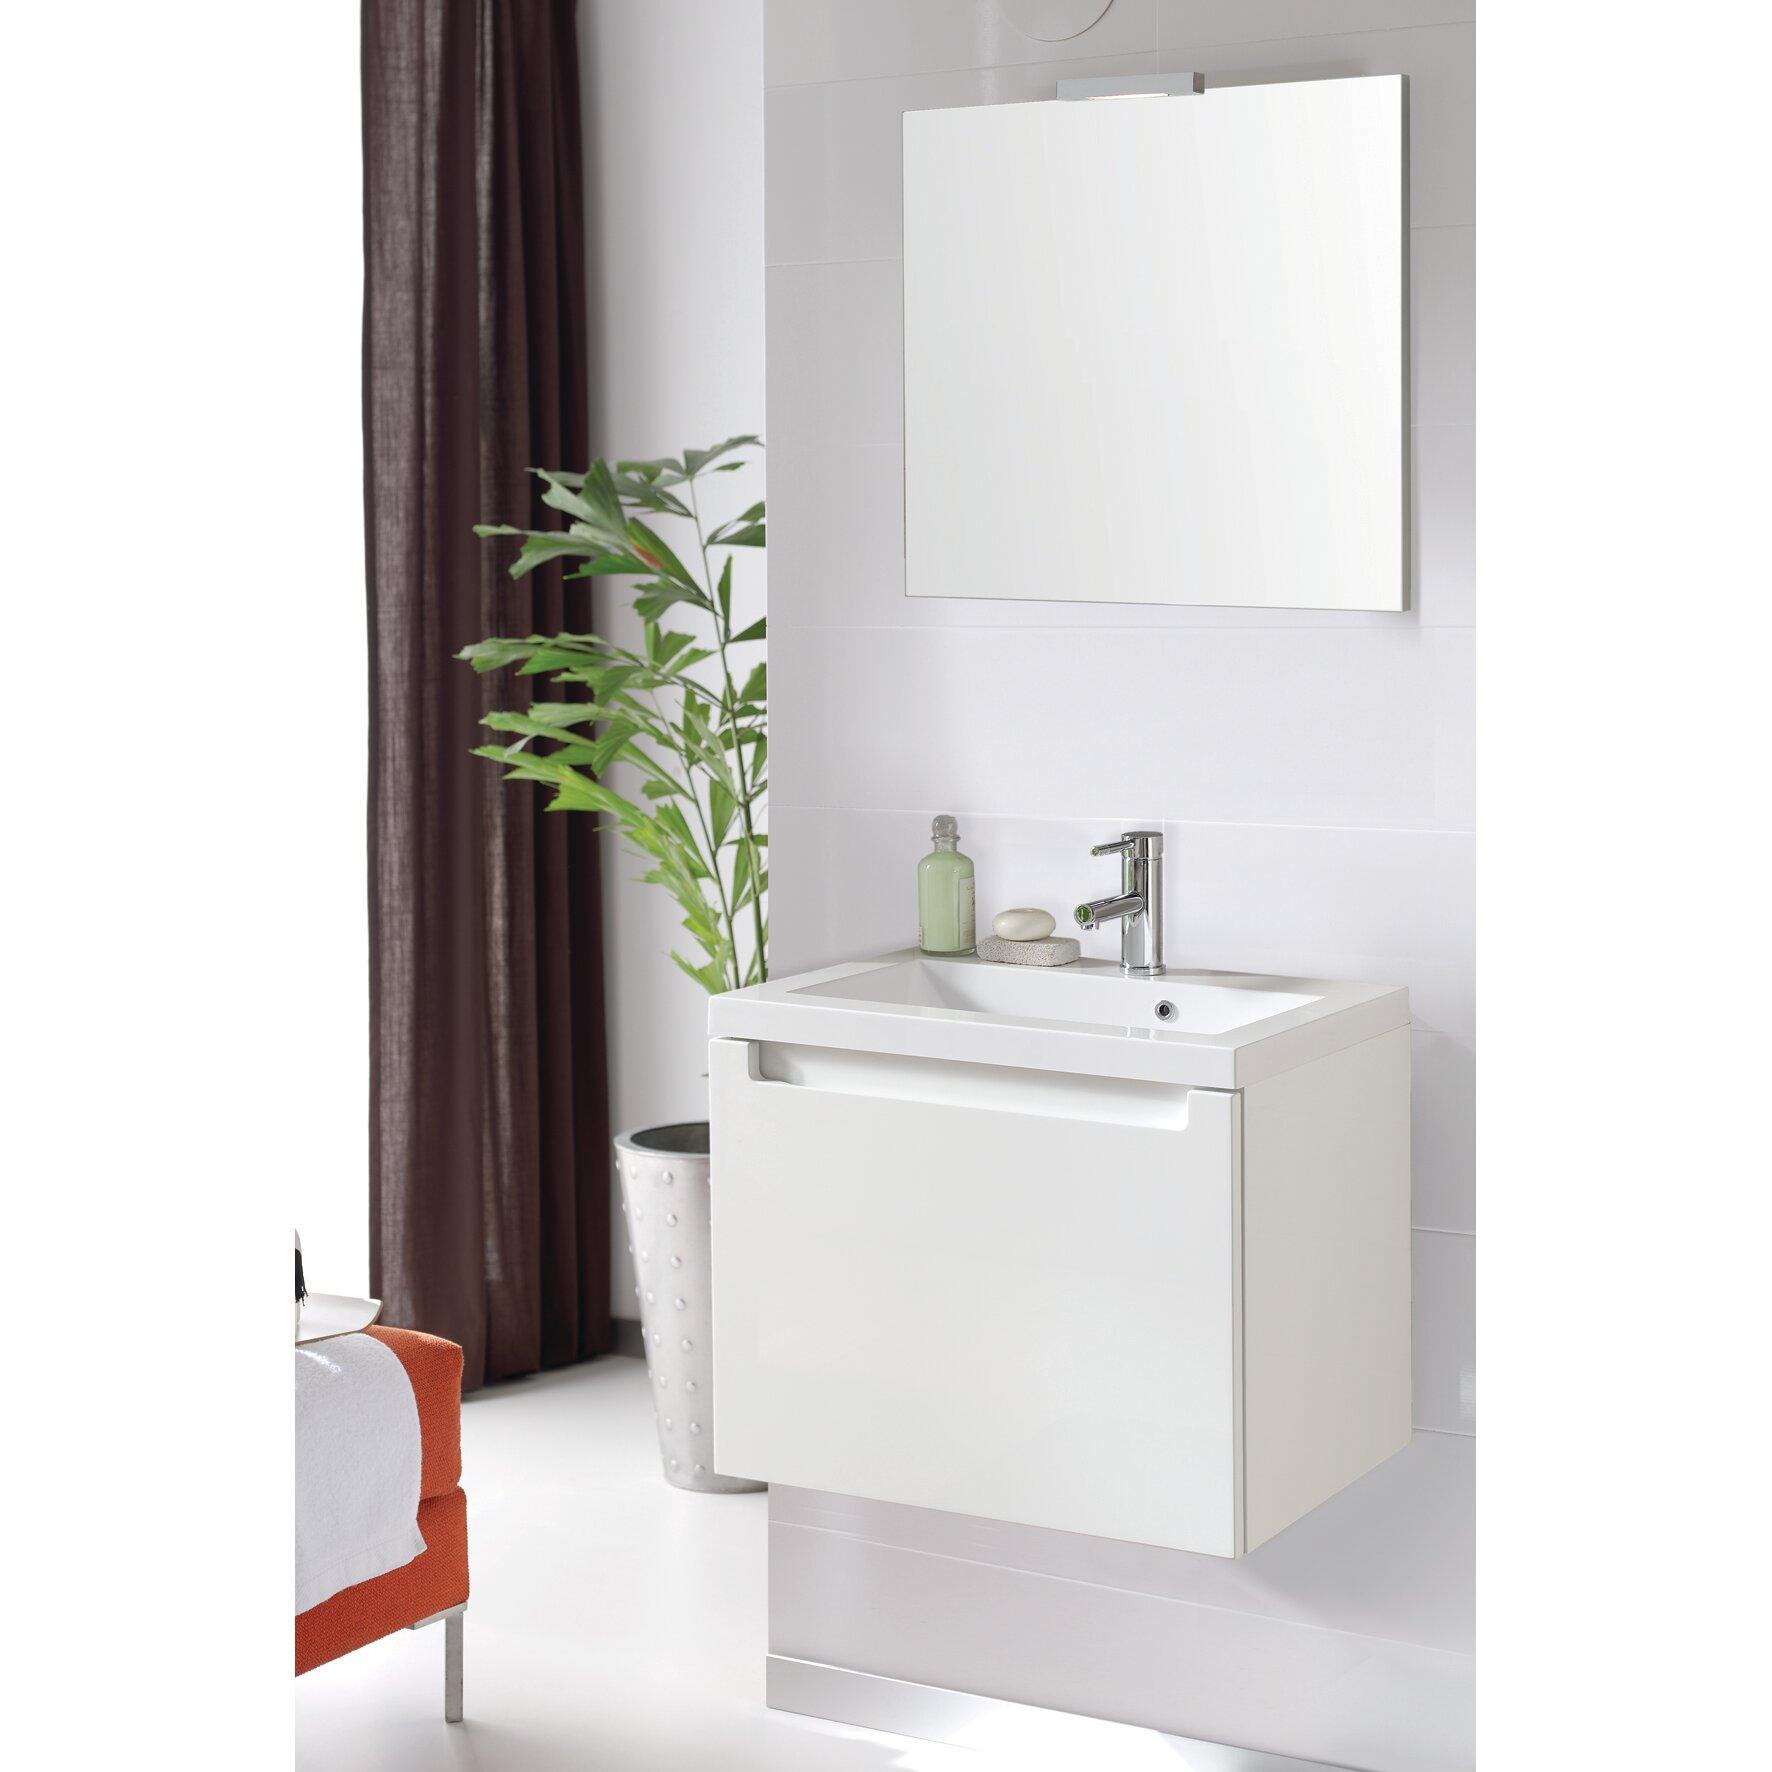 Bathroom vanity and mirror set vanity mirror set awesome for Bobs furniture bathroom vanity